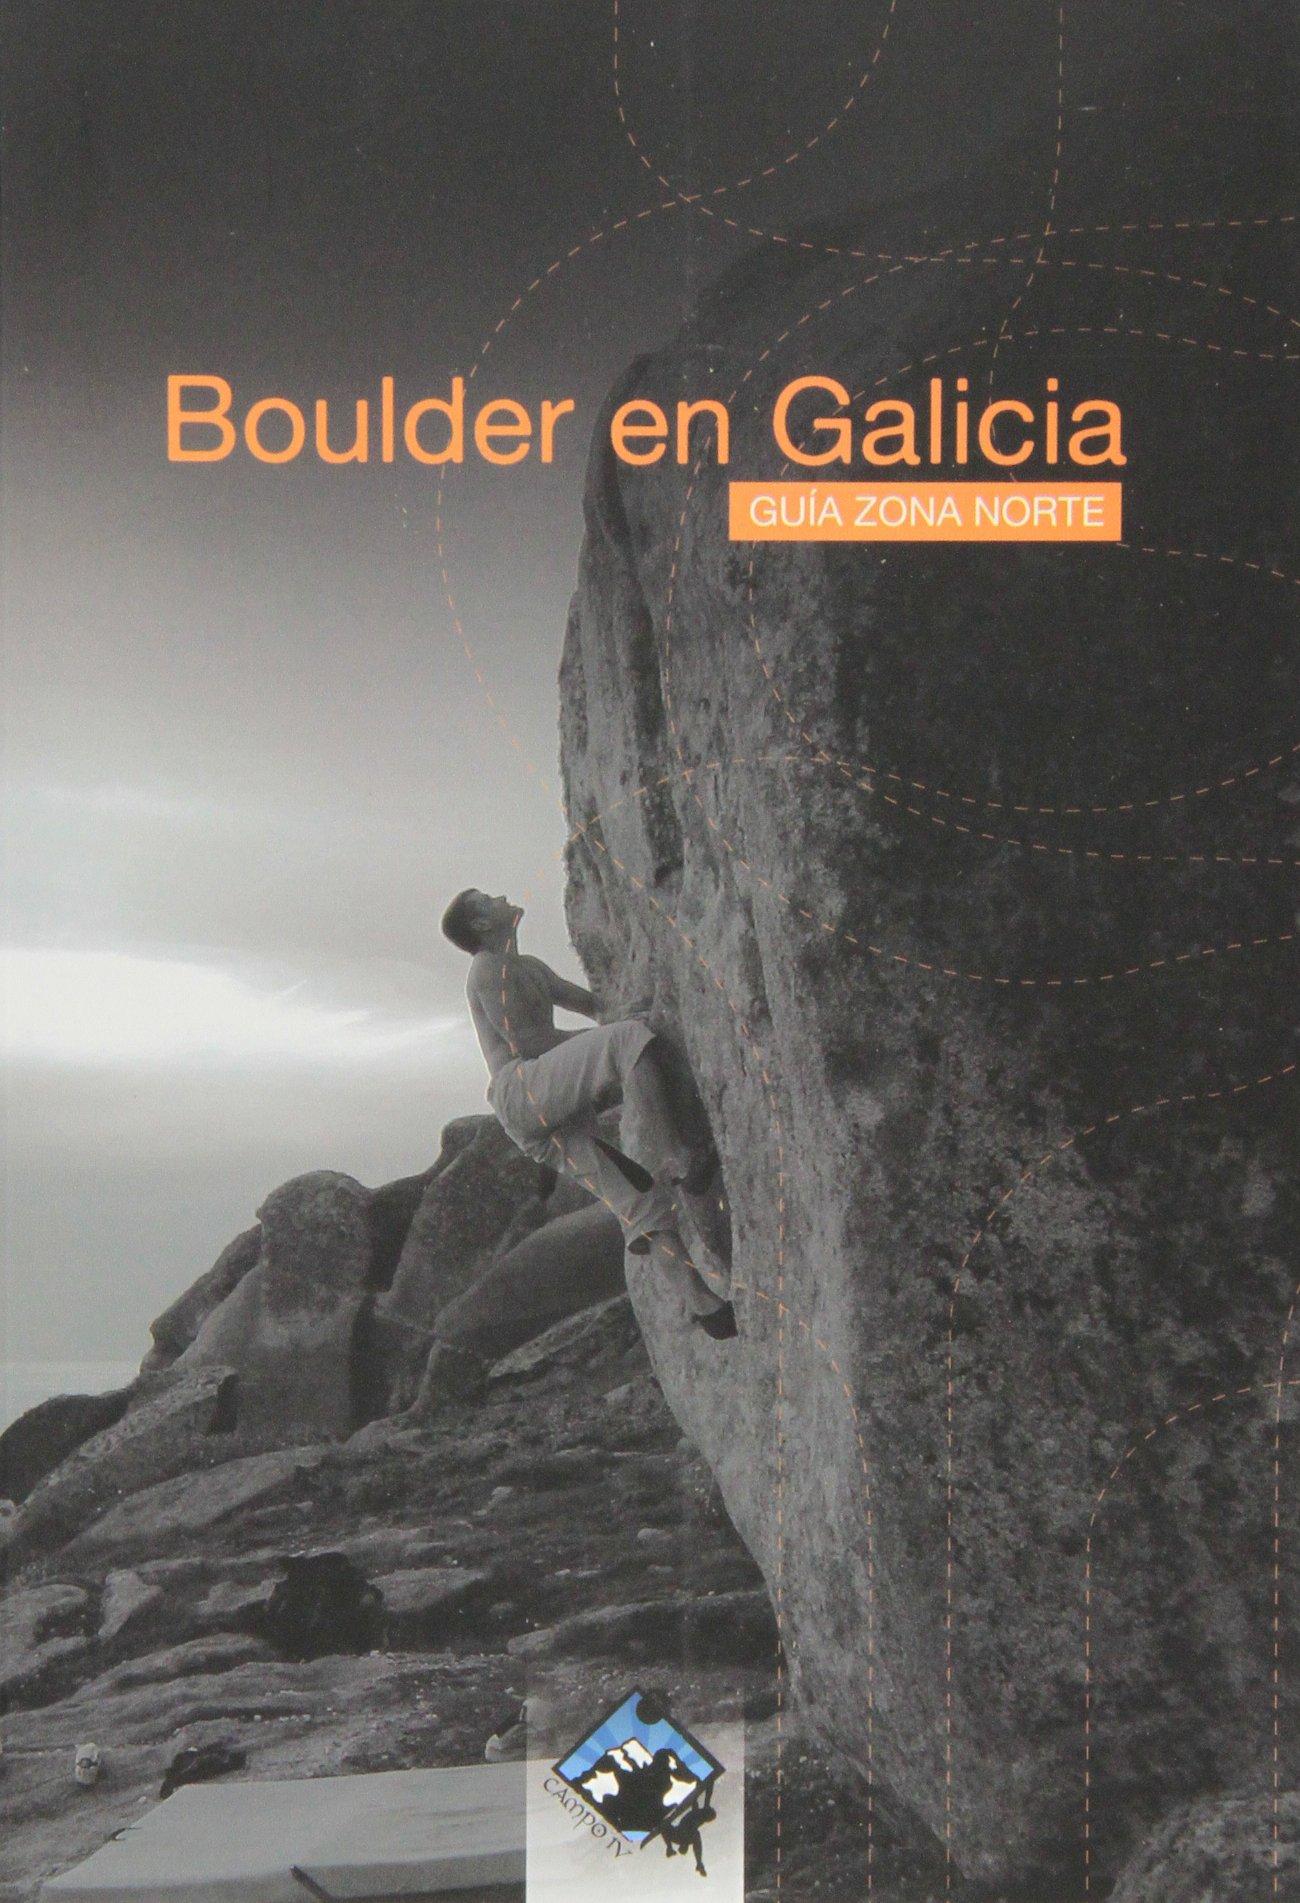 Boulder En Galicia Tapa blanda – 15 oct 2013 Alejandro Lépez Sánchez Campo IV 849399071X Climbing & mountaineering